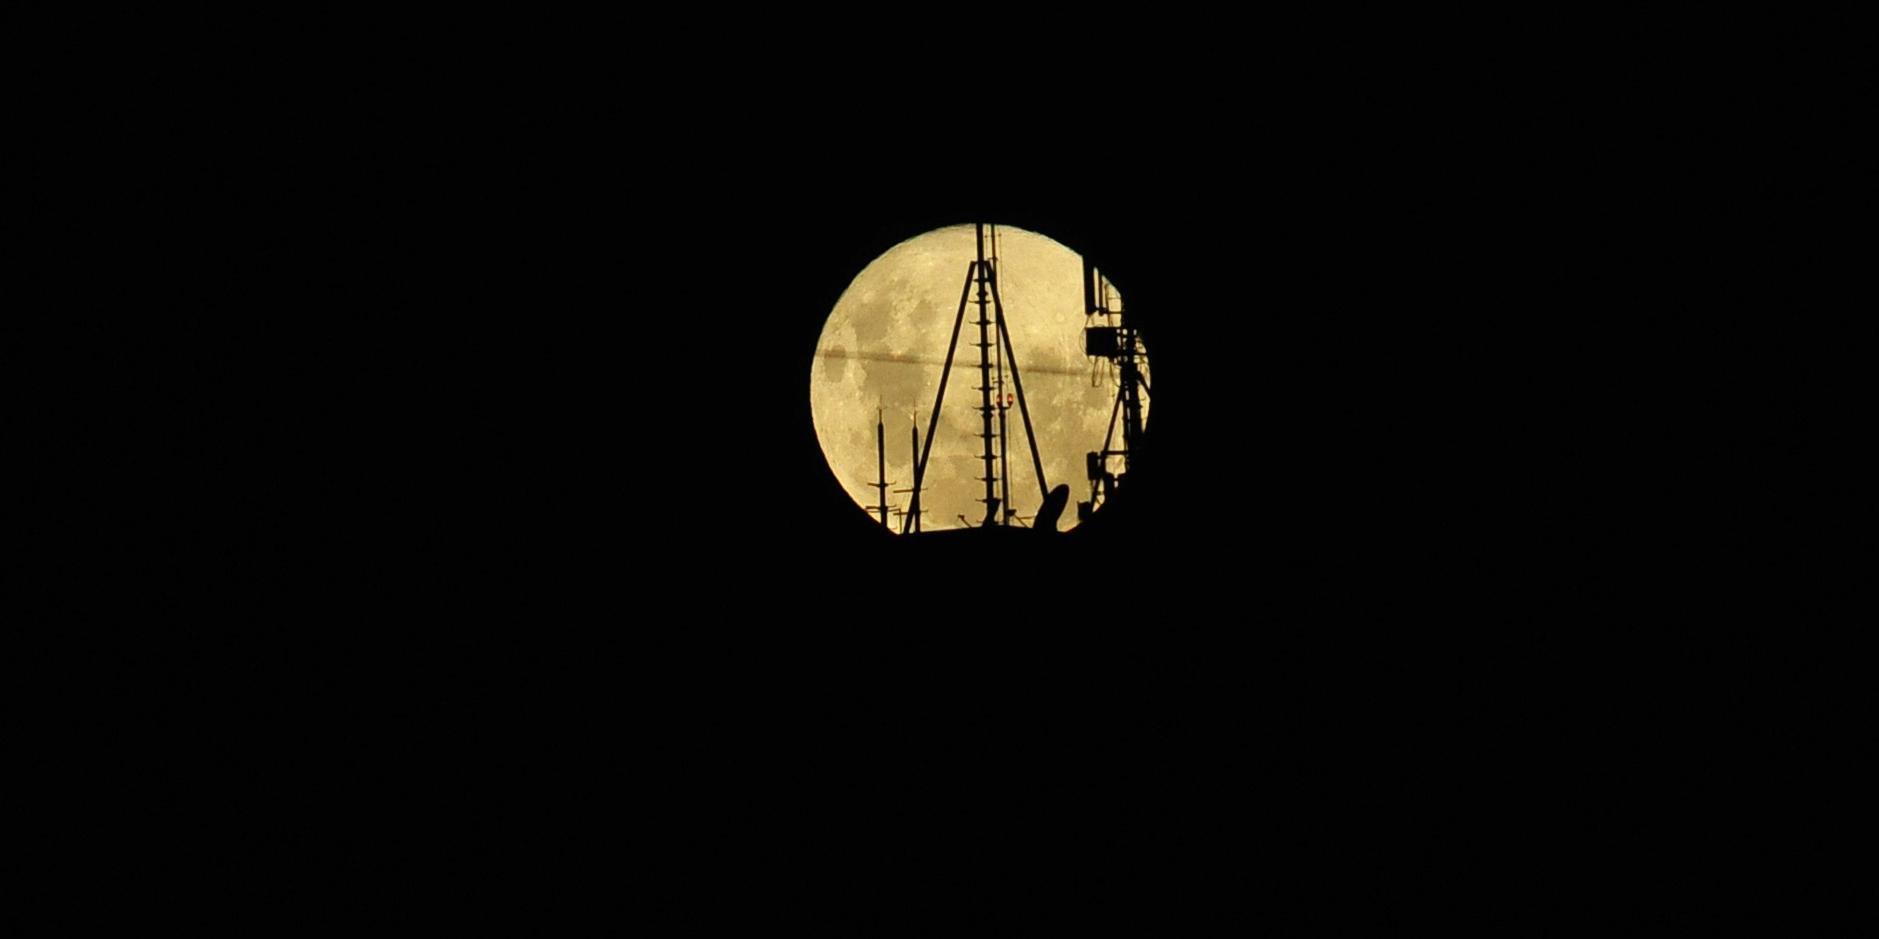 De acordo com astrônomos, lua esteve a 356,7 mil quilômetros de distância da Terra nesta terça